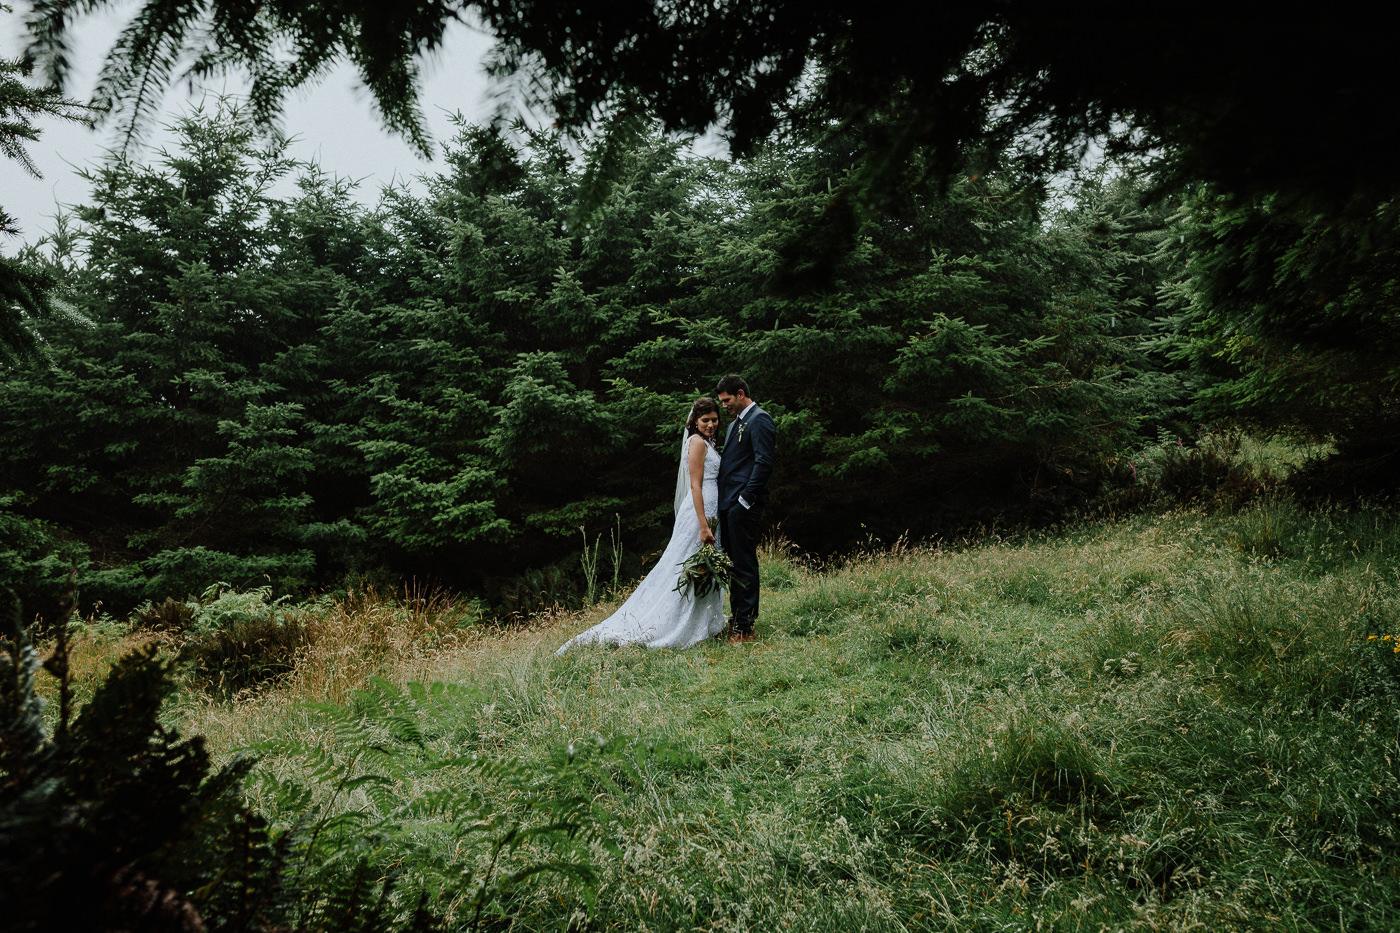 nz_wedding_photographer_gisborne-1073.jpg